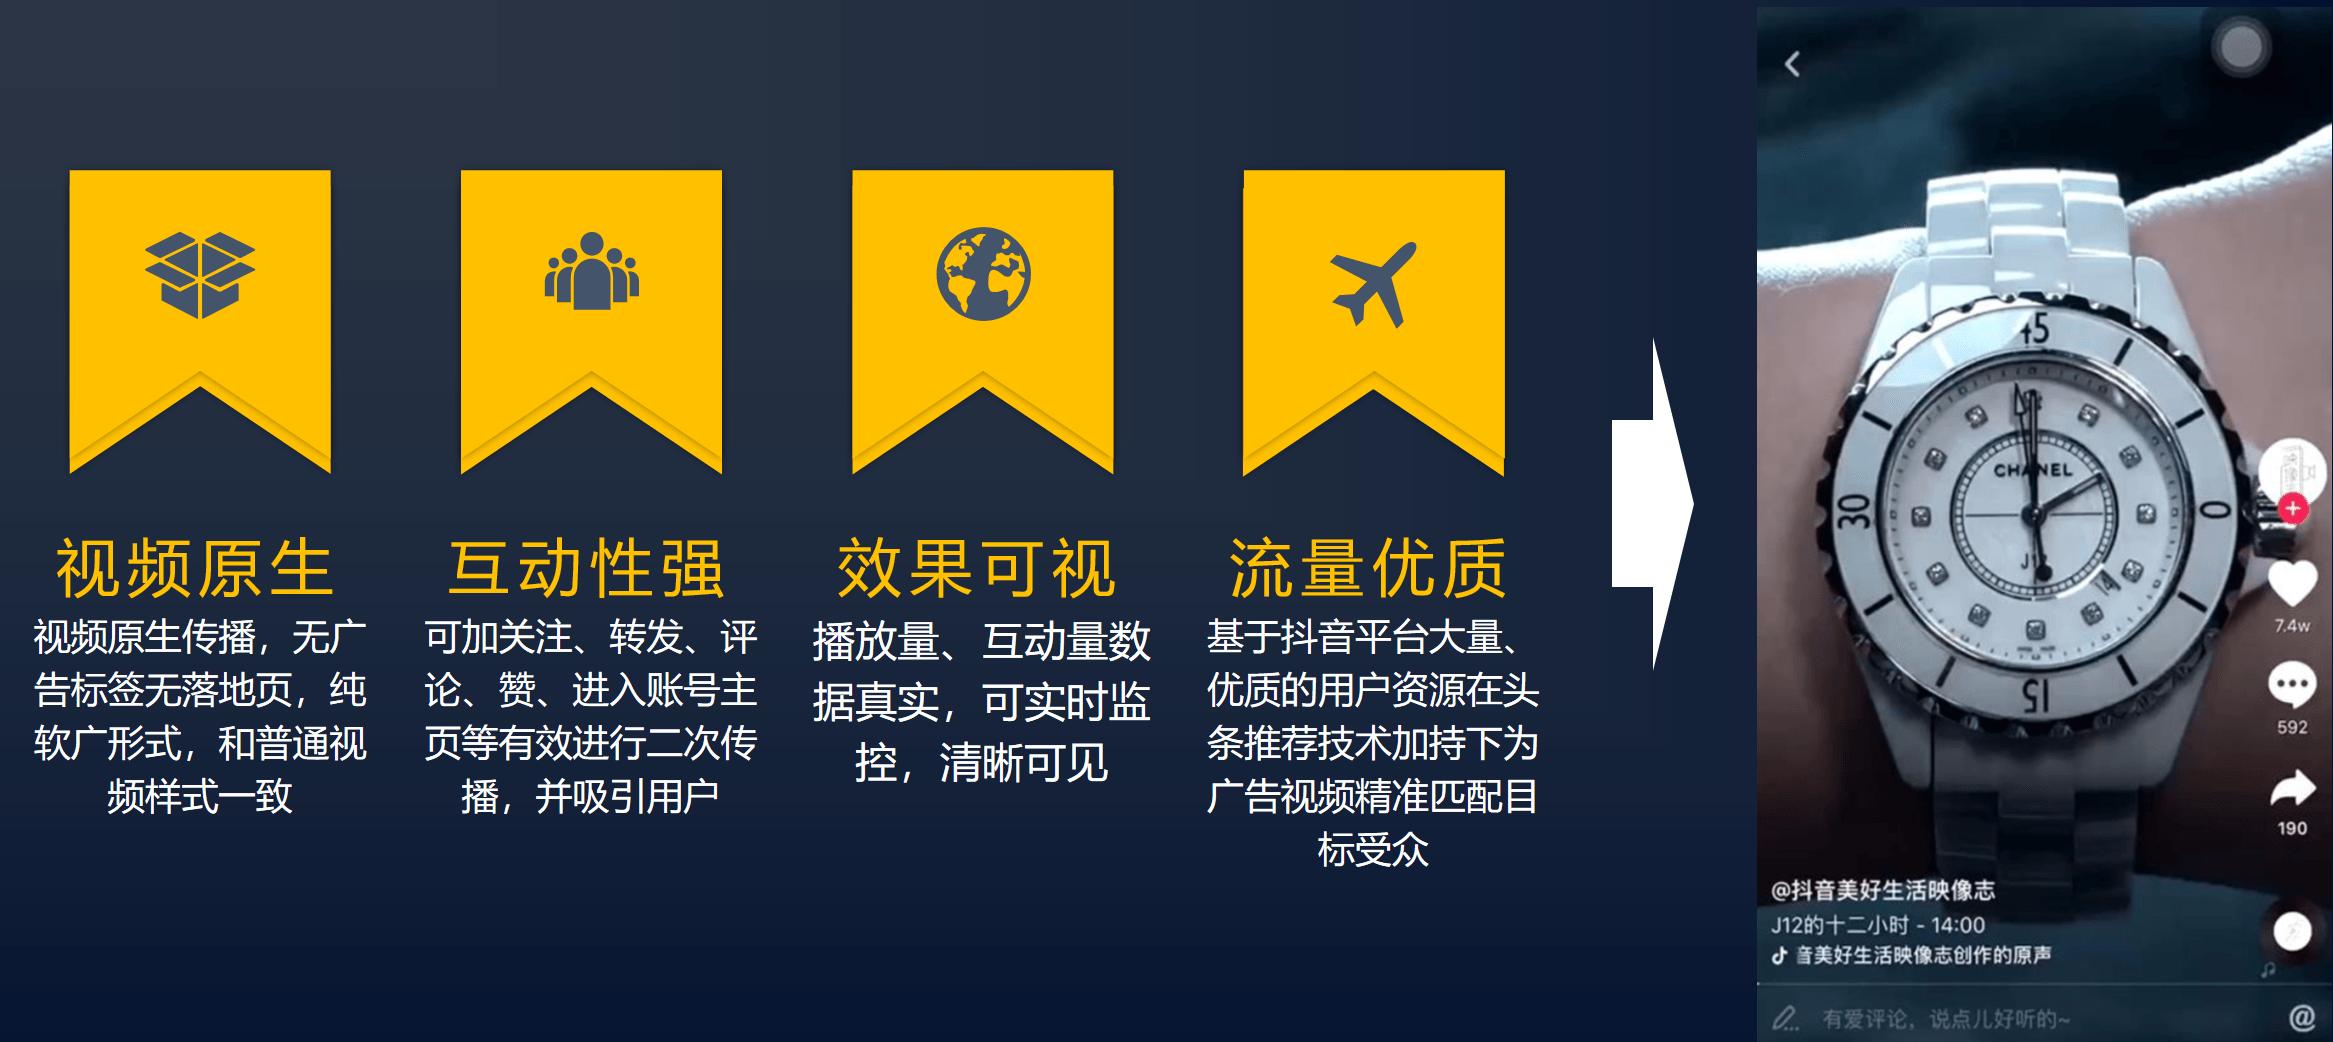 Dou+信息流视频广告